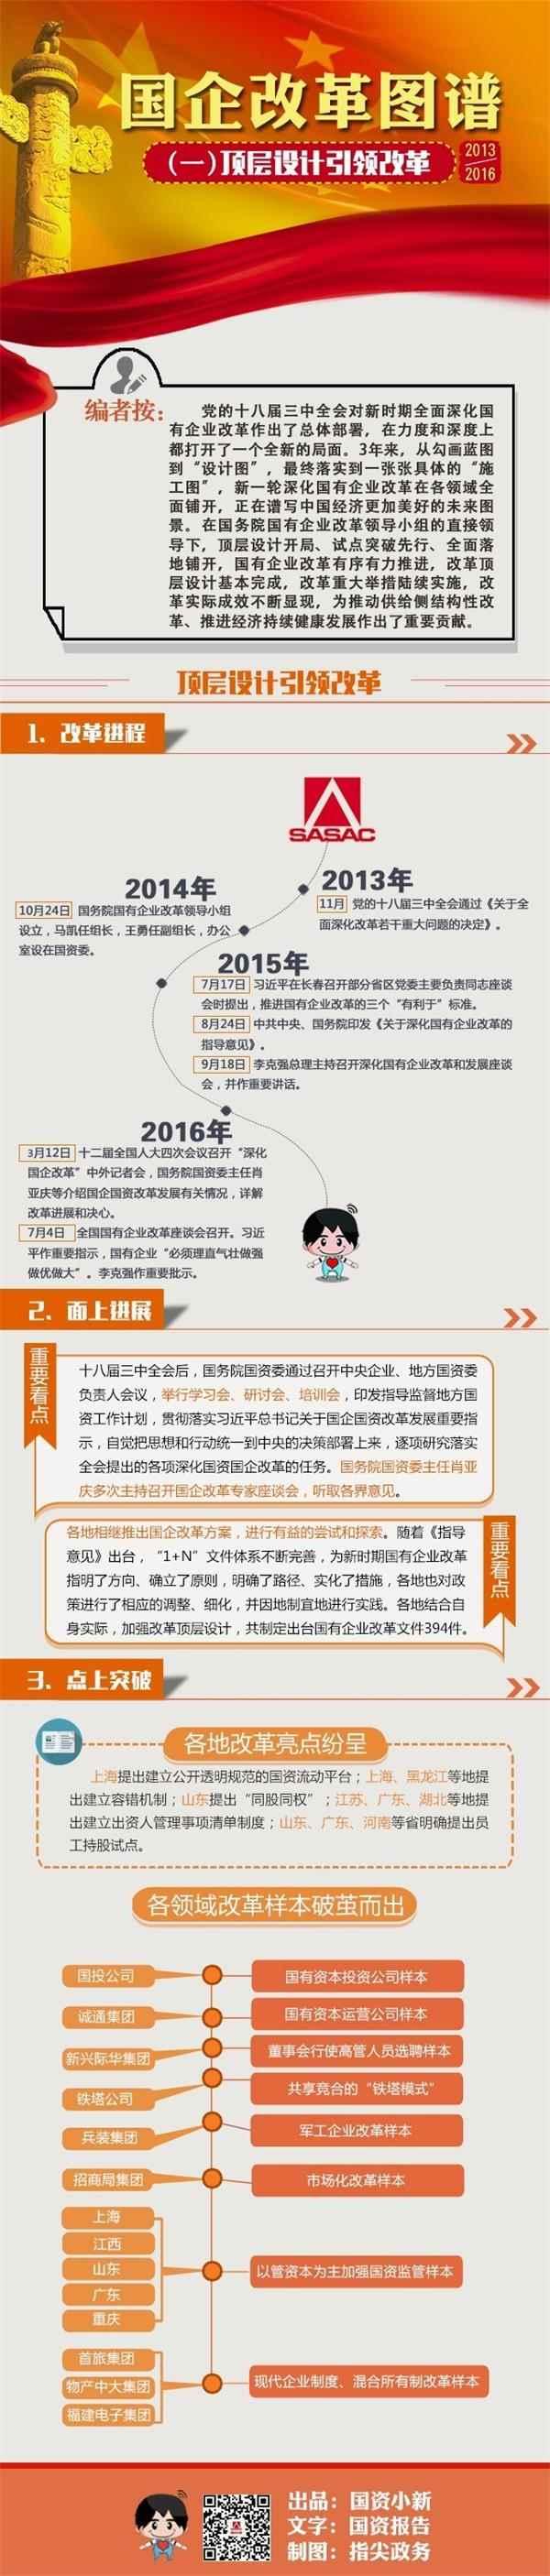 年度巨献:2013—2016国企改革图谱